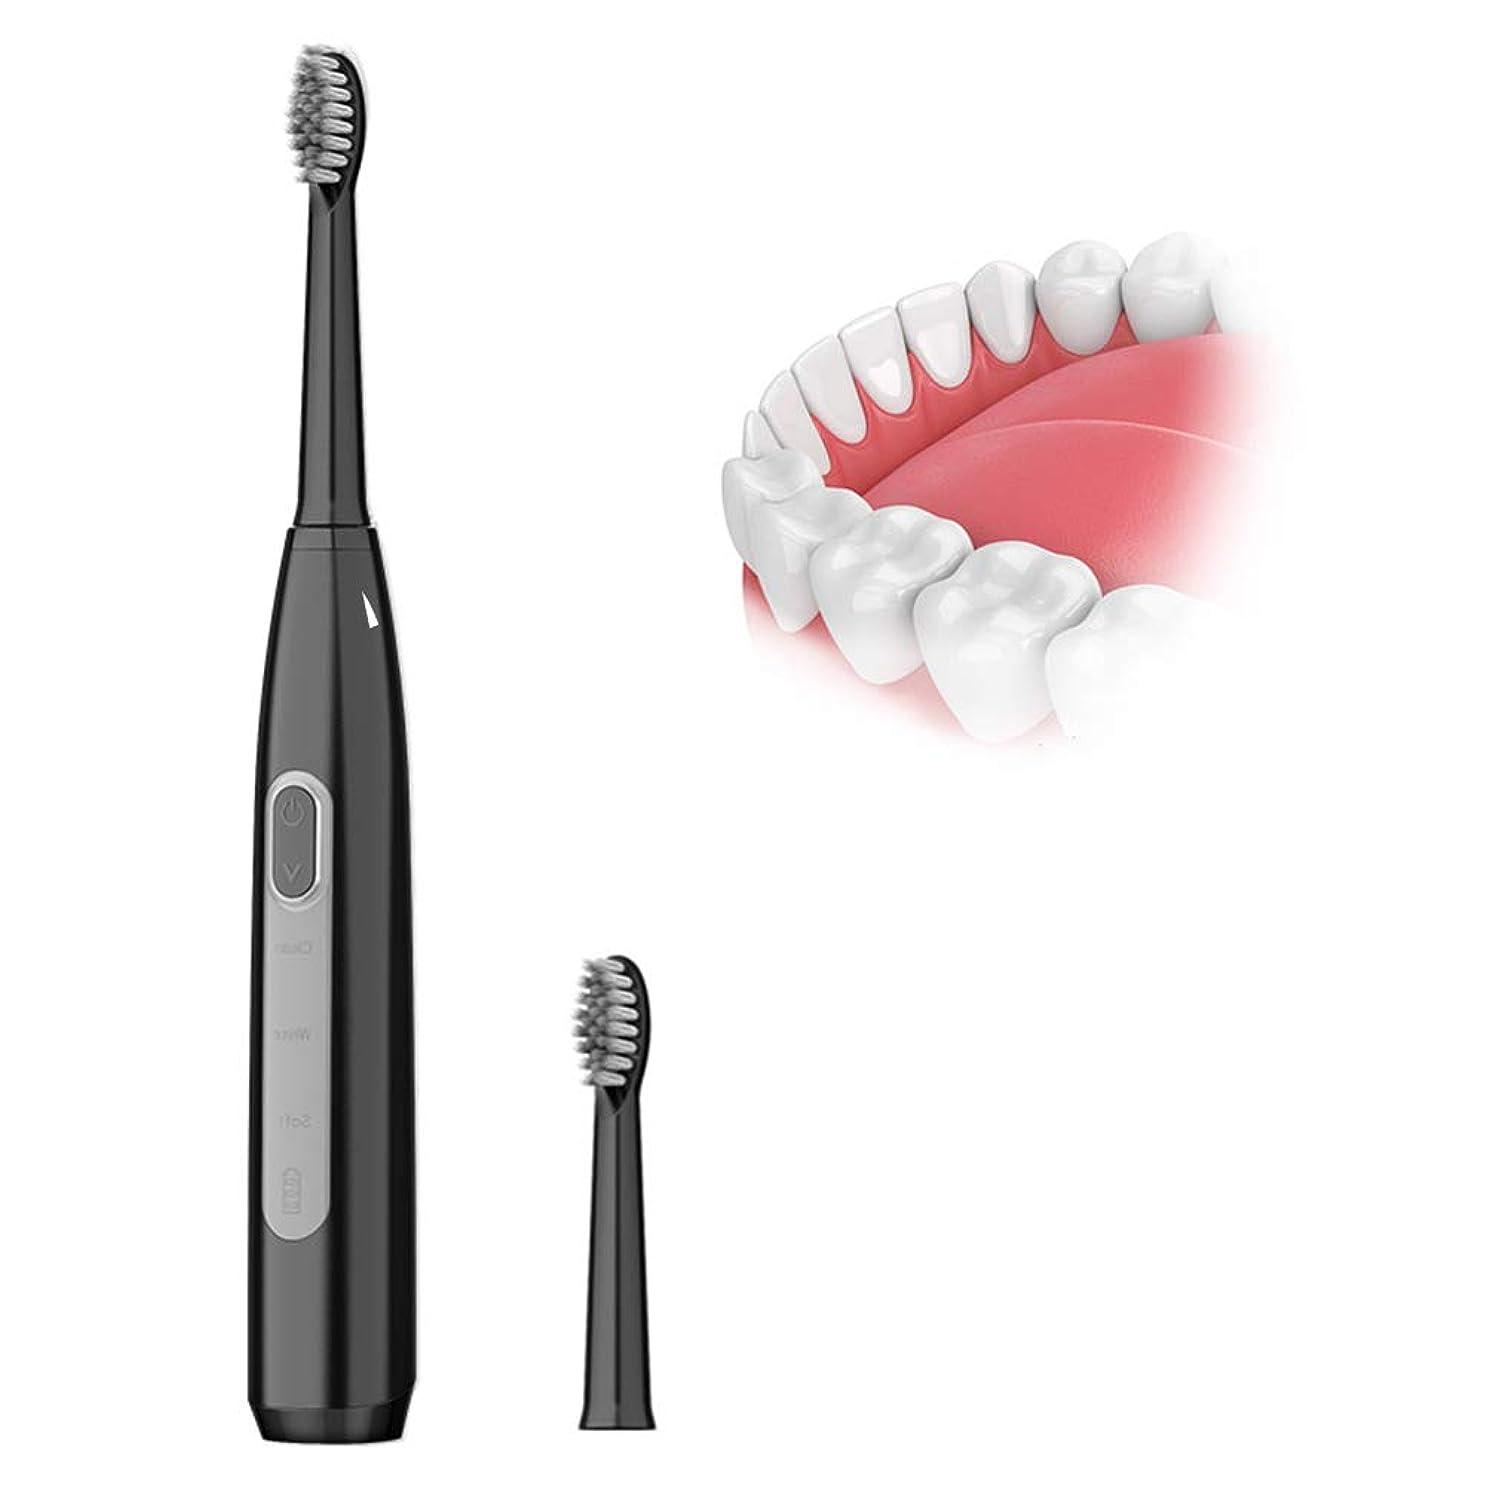 ビジネス適性過度の超音波ワイヤレス充電電動歯ブラシ、防水デュポンソフトブラシヘッドロングスタンバイIPX7